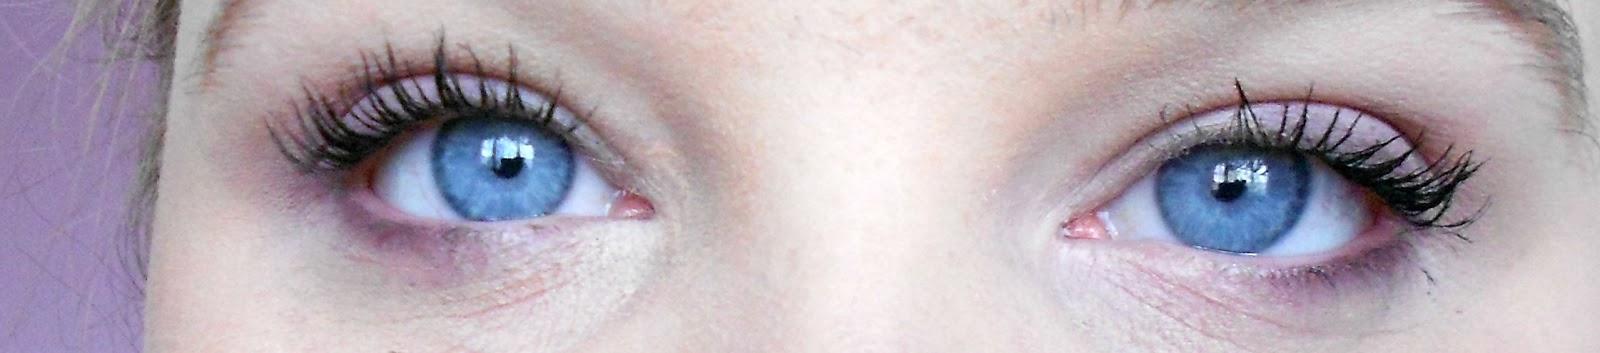 younique 3d fiber mascara before after